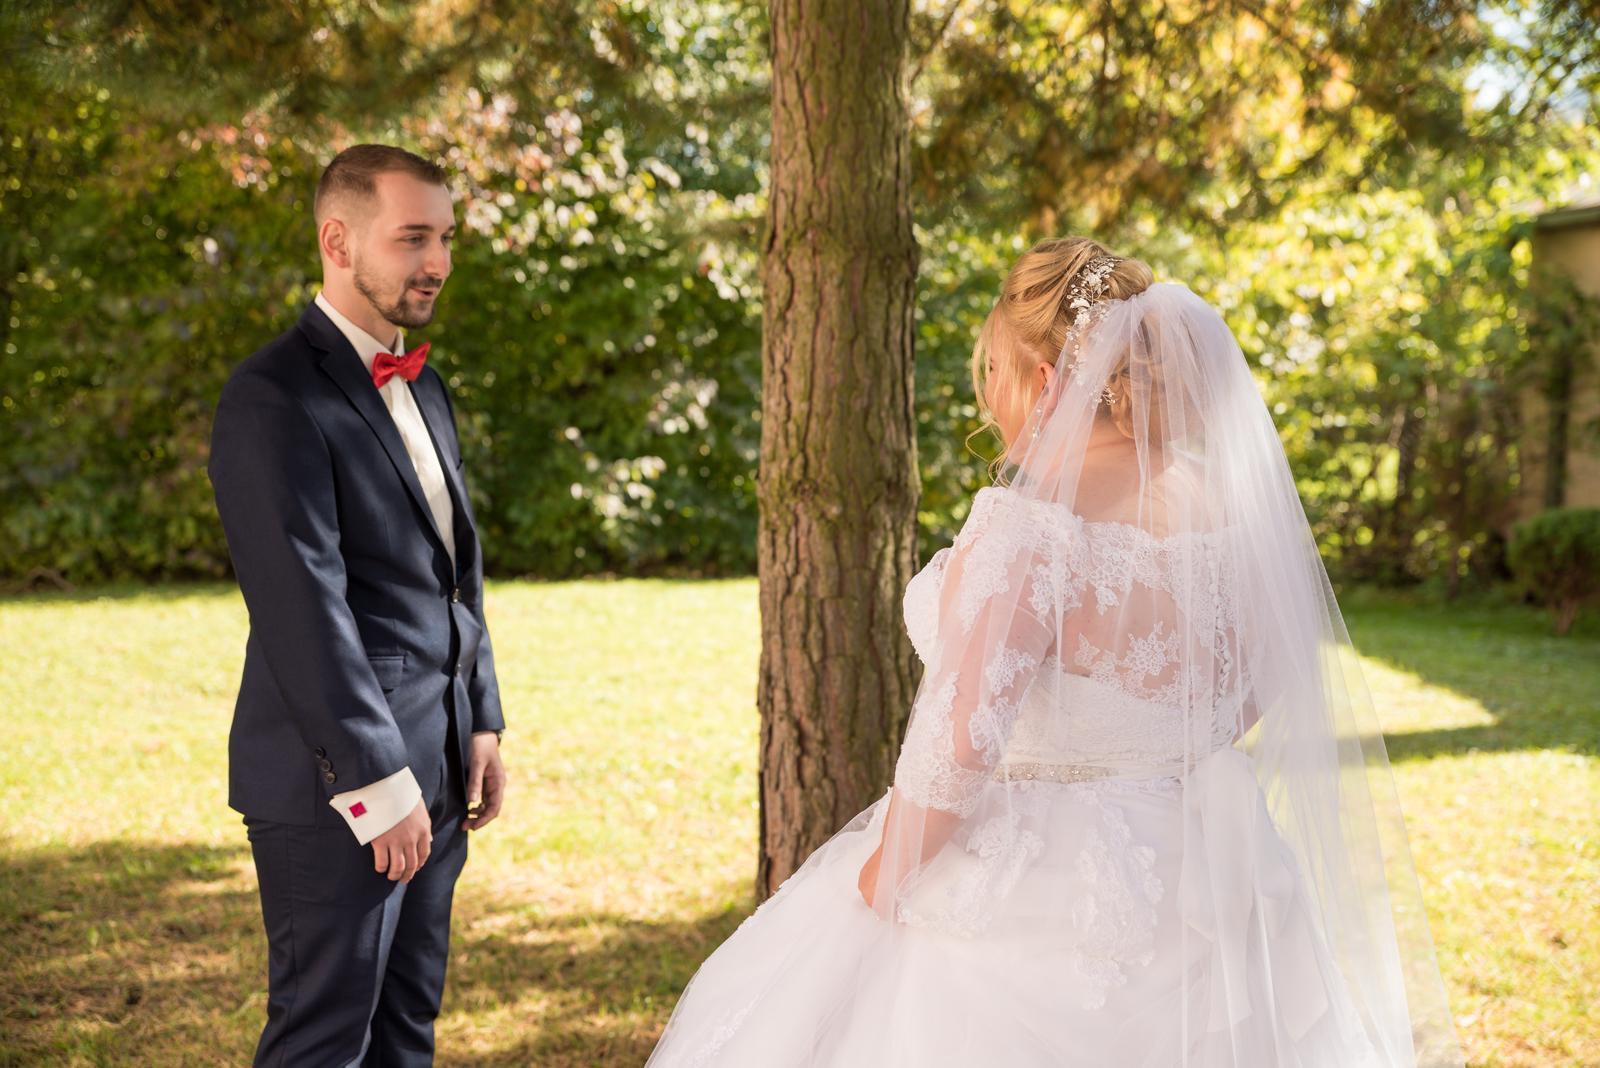 Zuzana{{_AND_}}Michal - #mojanaj moment keď ma manžel prvý krát videl vo svadobnom, tie emócie sa len ťažko opisujú, na jeho výraz a slzy v očiach asi nikdy nezabudnem :) jeden z naj emotívnejších momentov :)